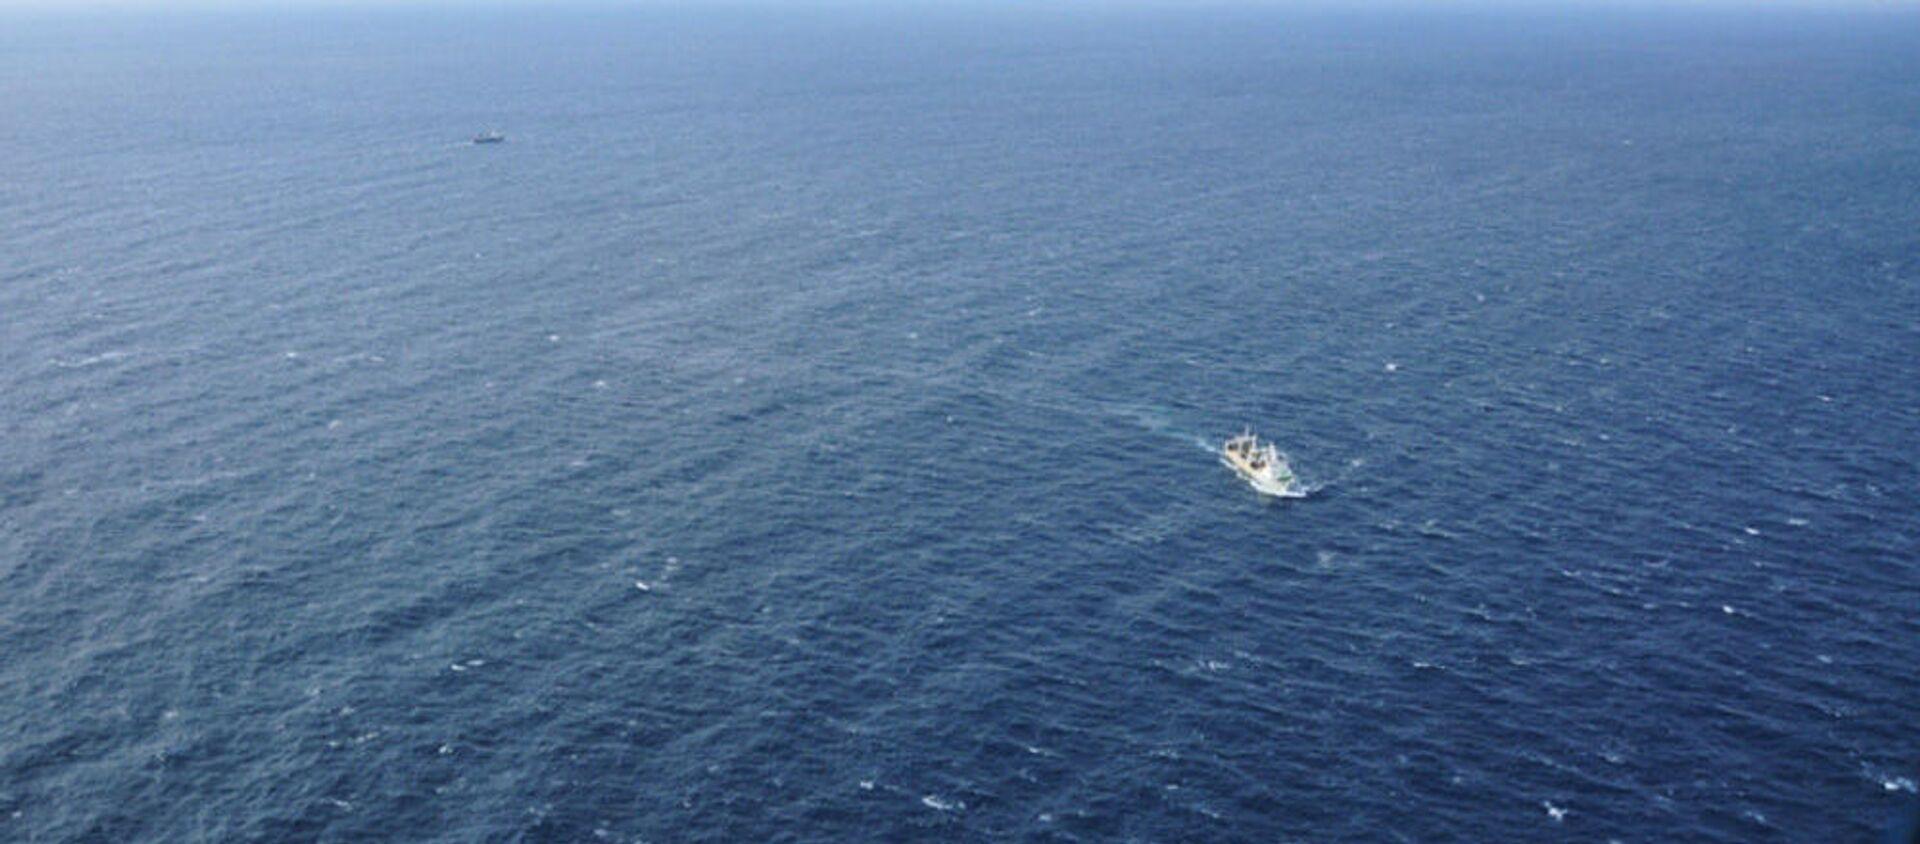 Hoạt động tìm kiếm và cứu nạn tàu đánh cá Viễn Đông ở biển Okhotsk - Sputnik Việt Nam, 1920, 27.05.2021